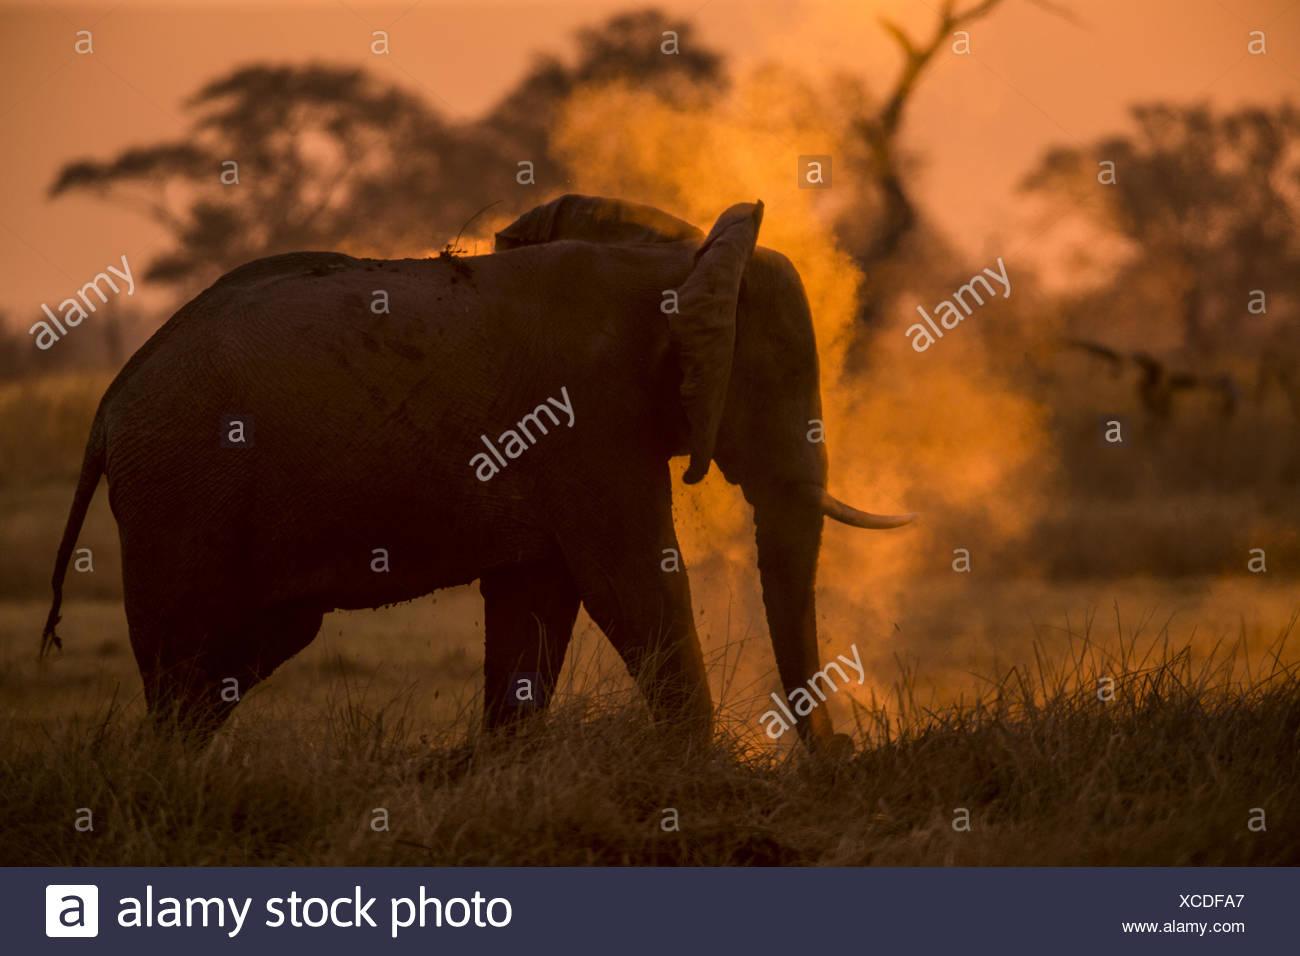 Ein Elefant, loxodonta Africana, Abstauben, wie die Sonne. Stockbild